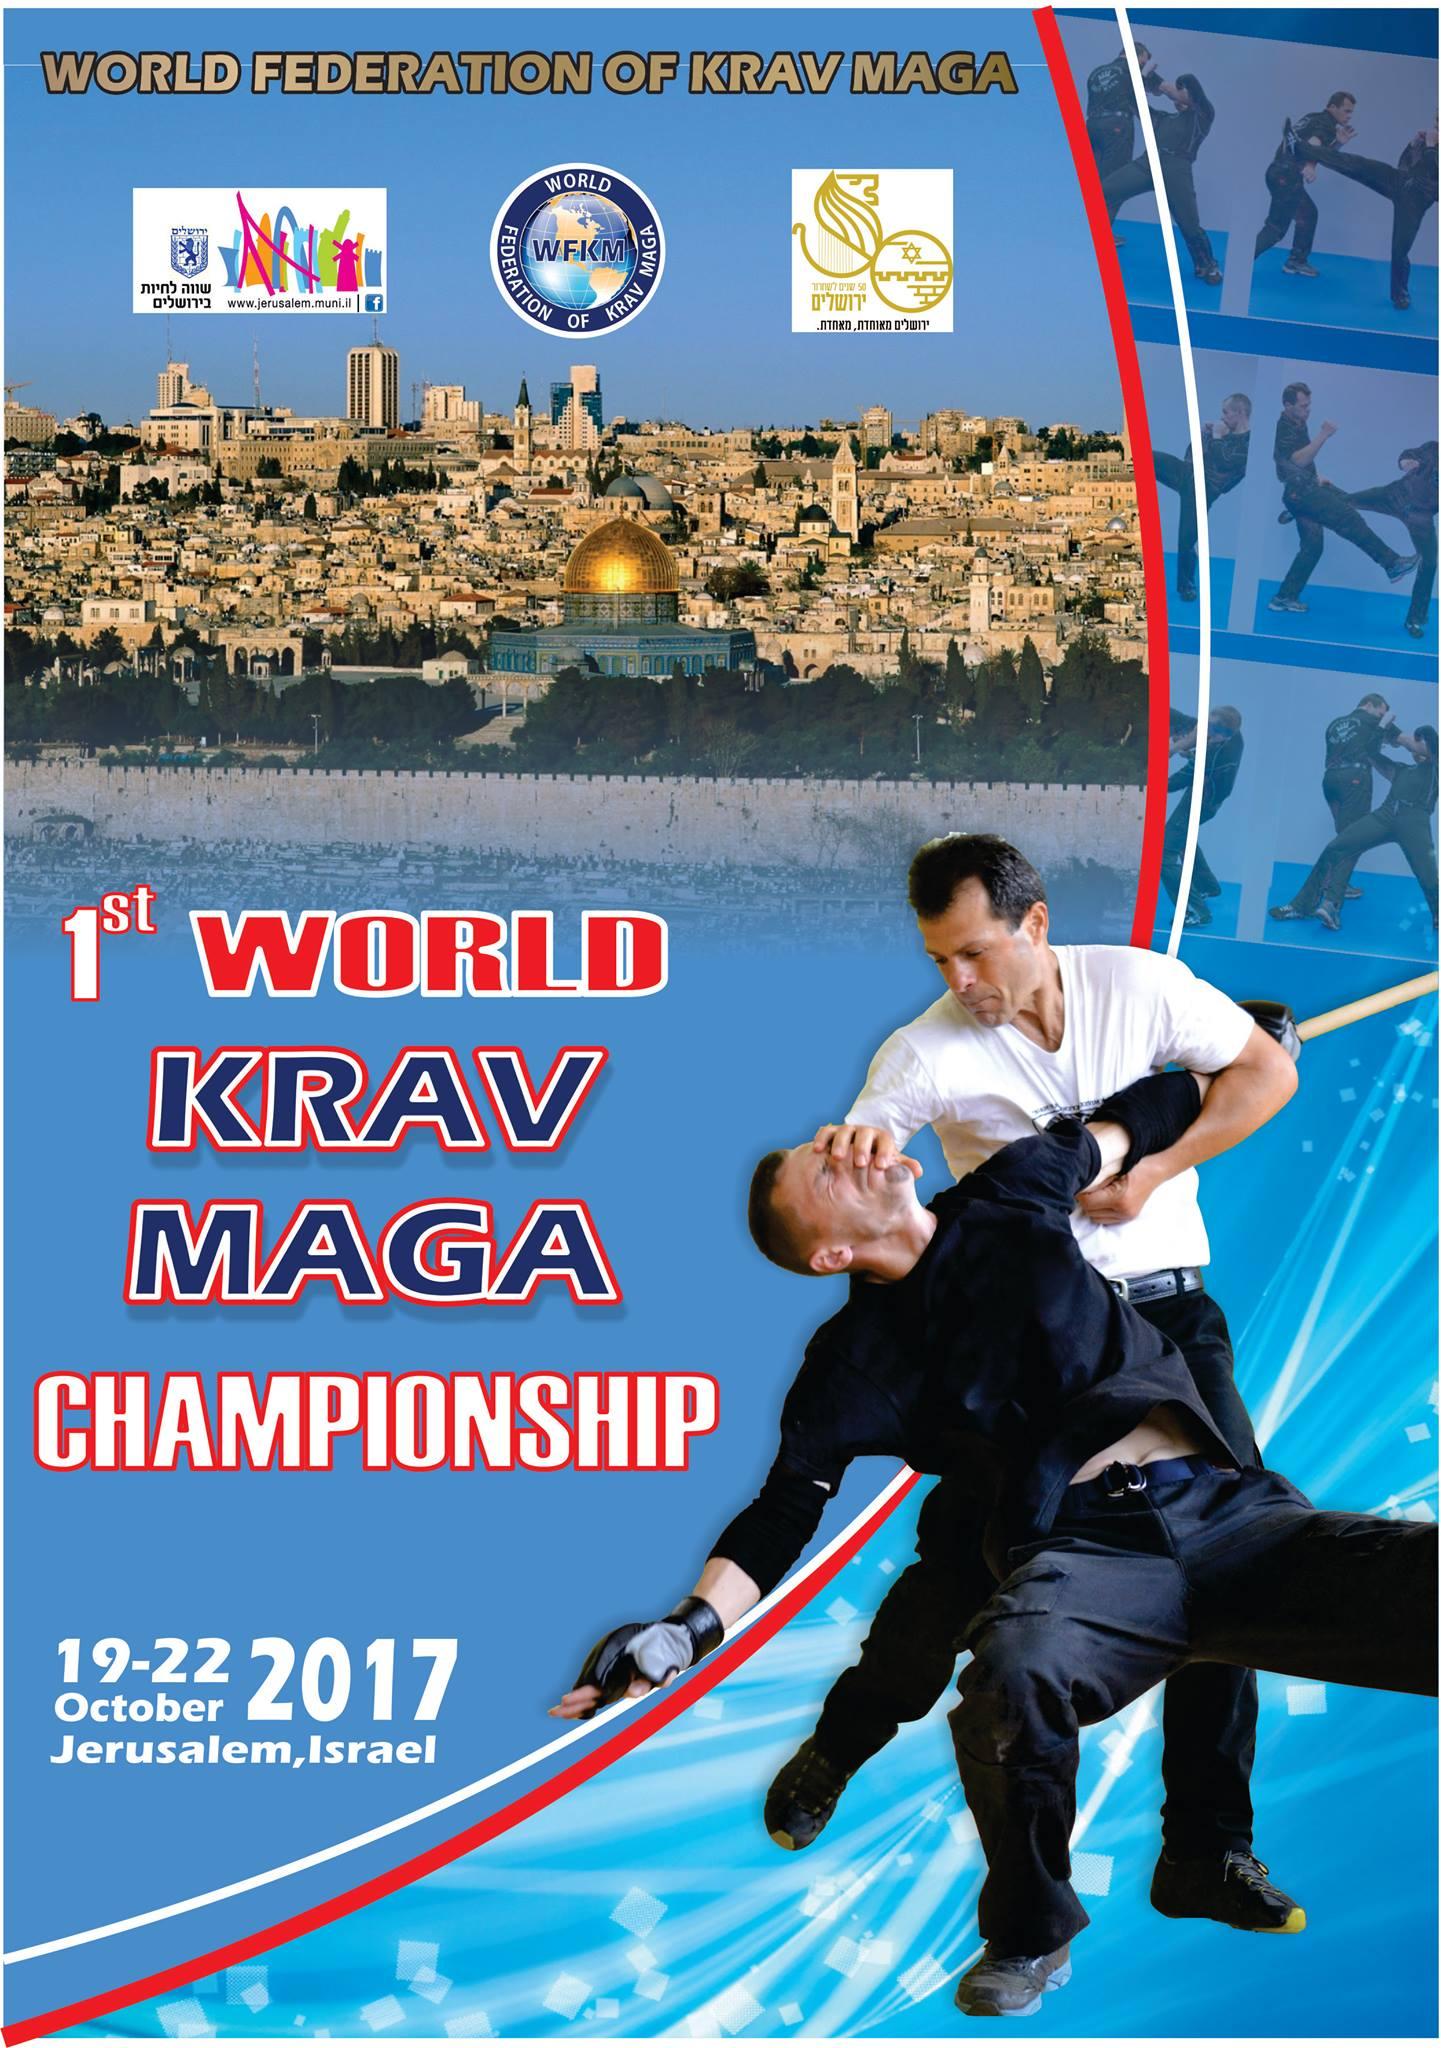 Первый чемпионат мира WFKM